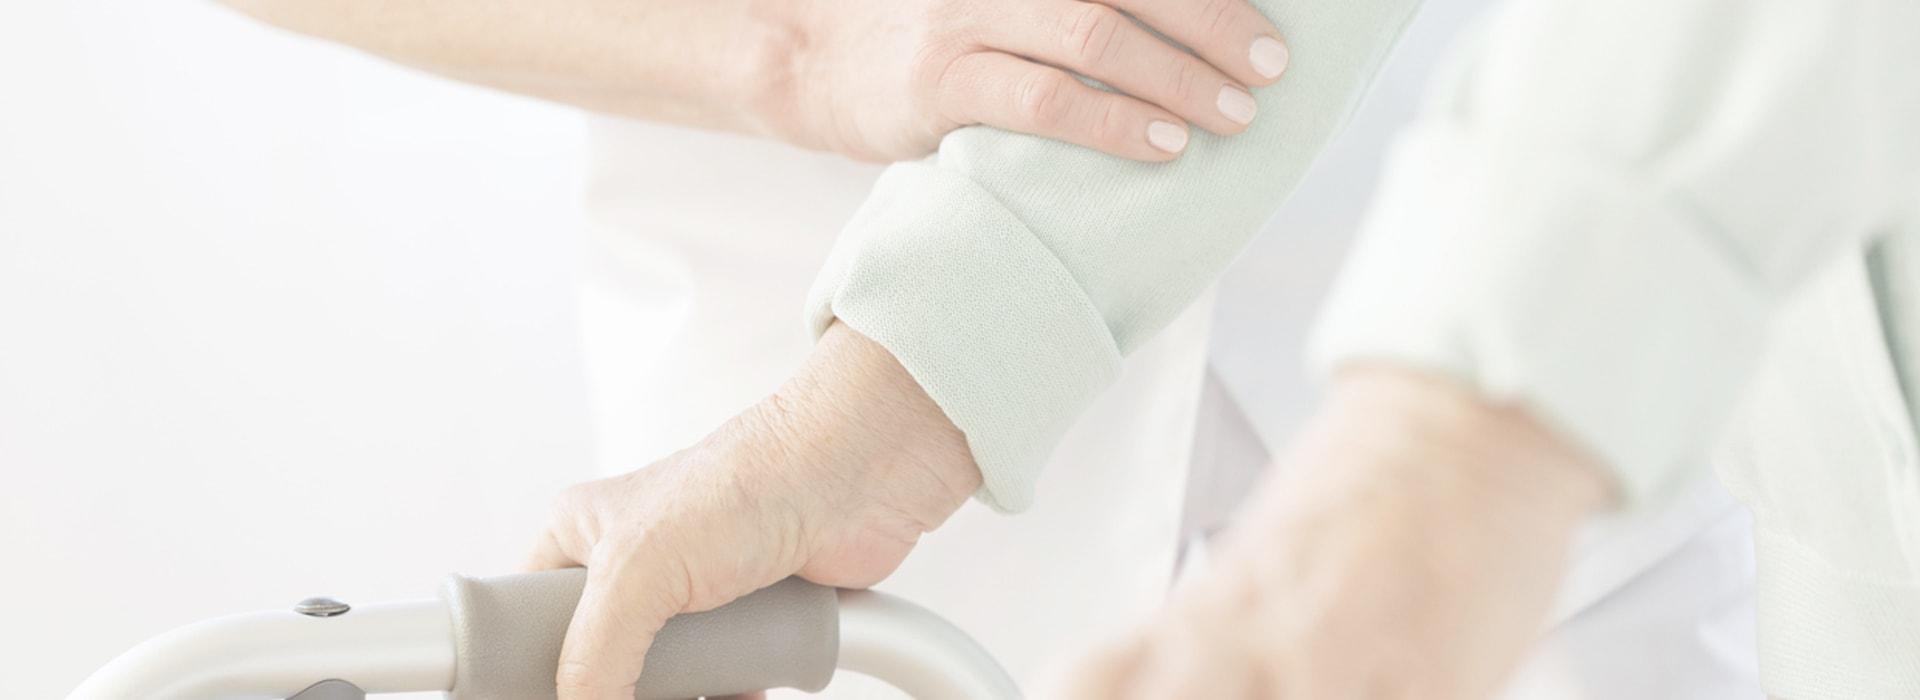 slide2r-infirmieres-beloeil